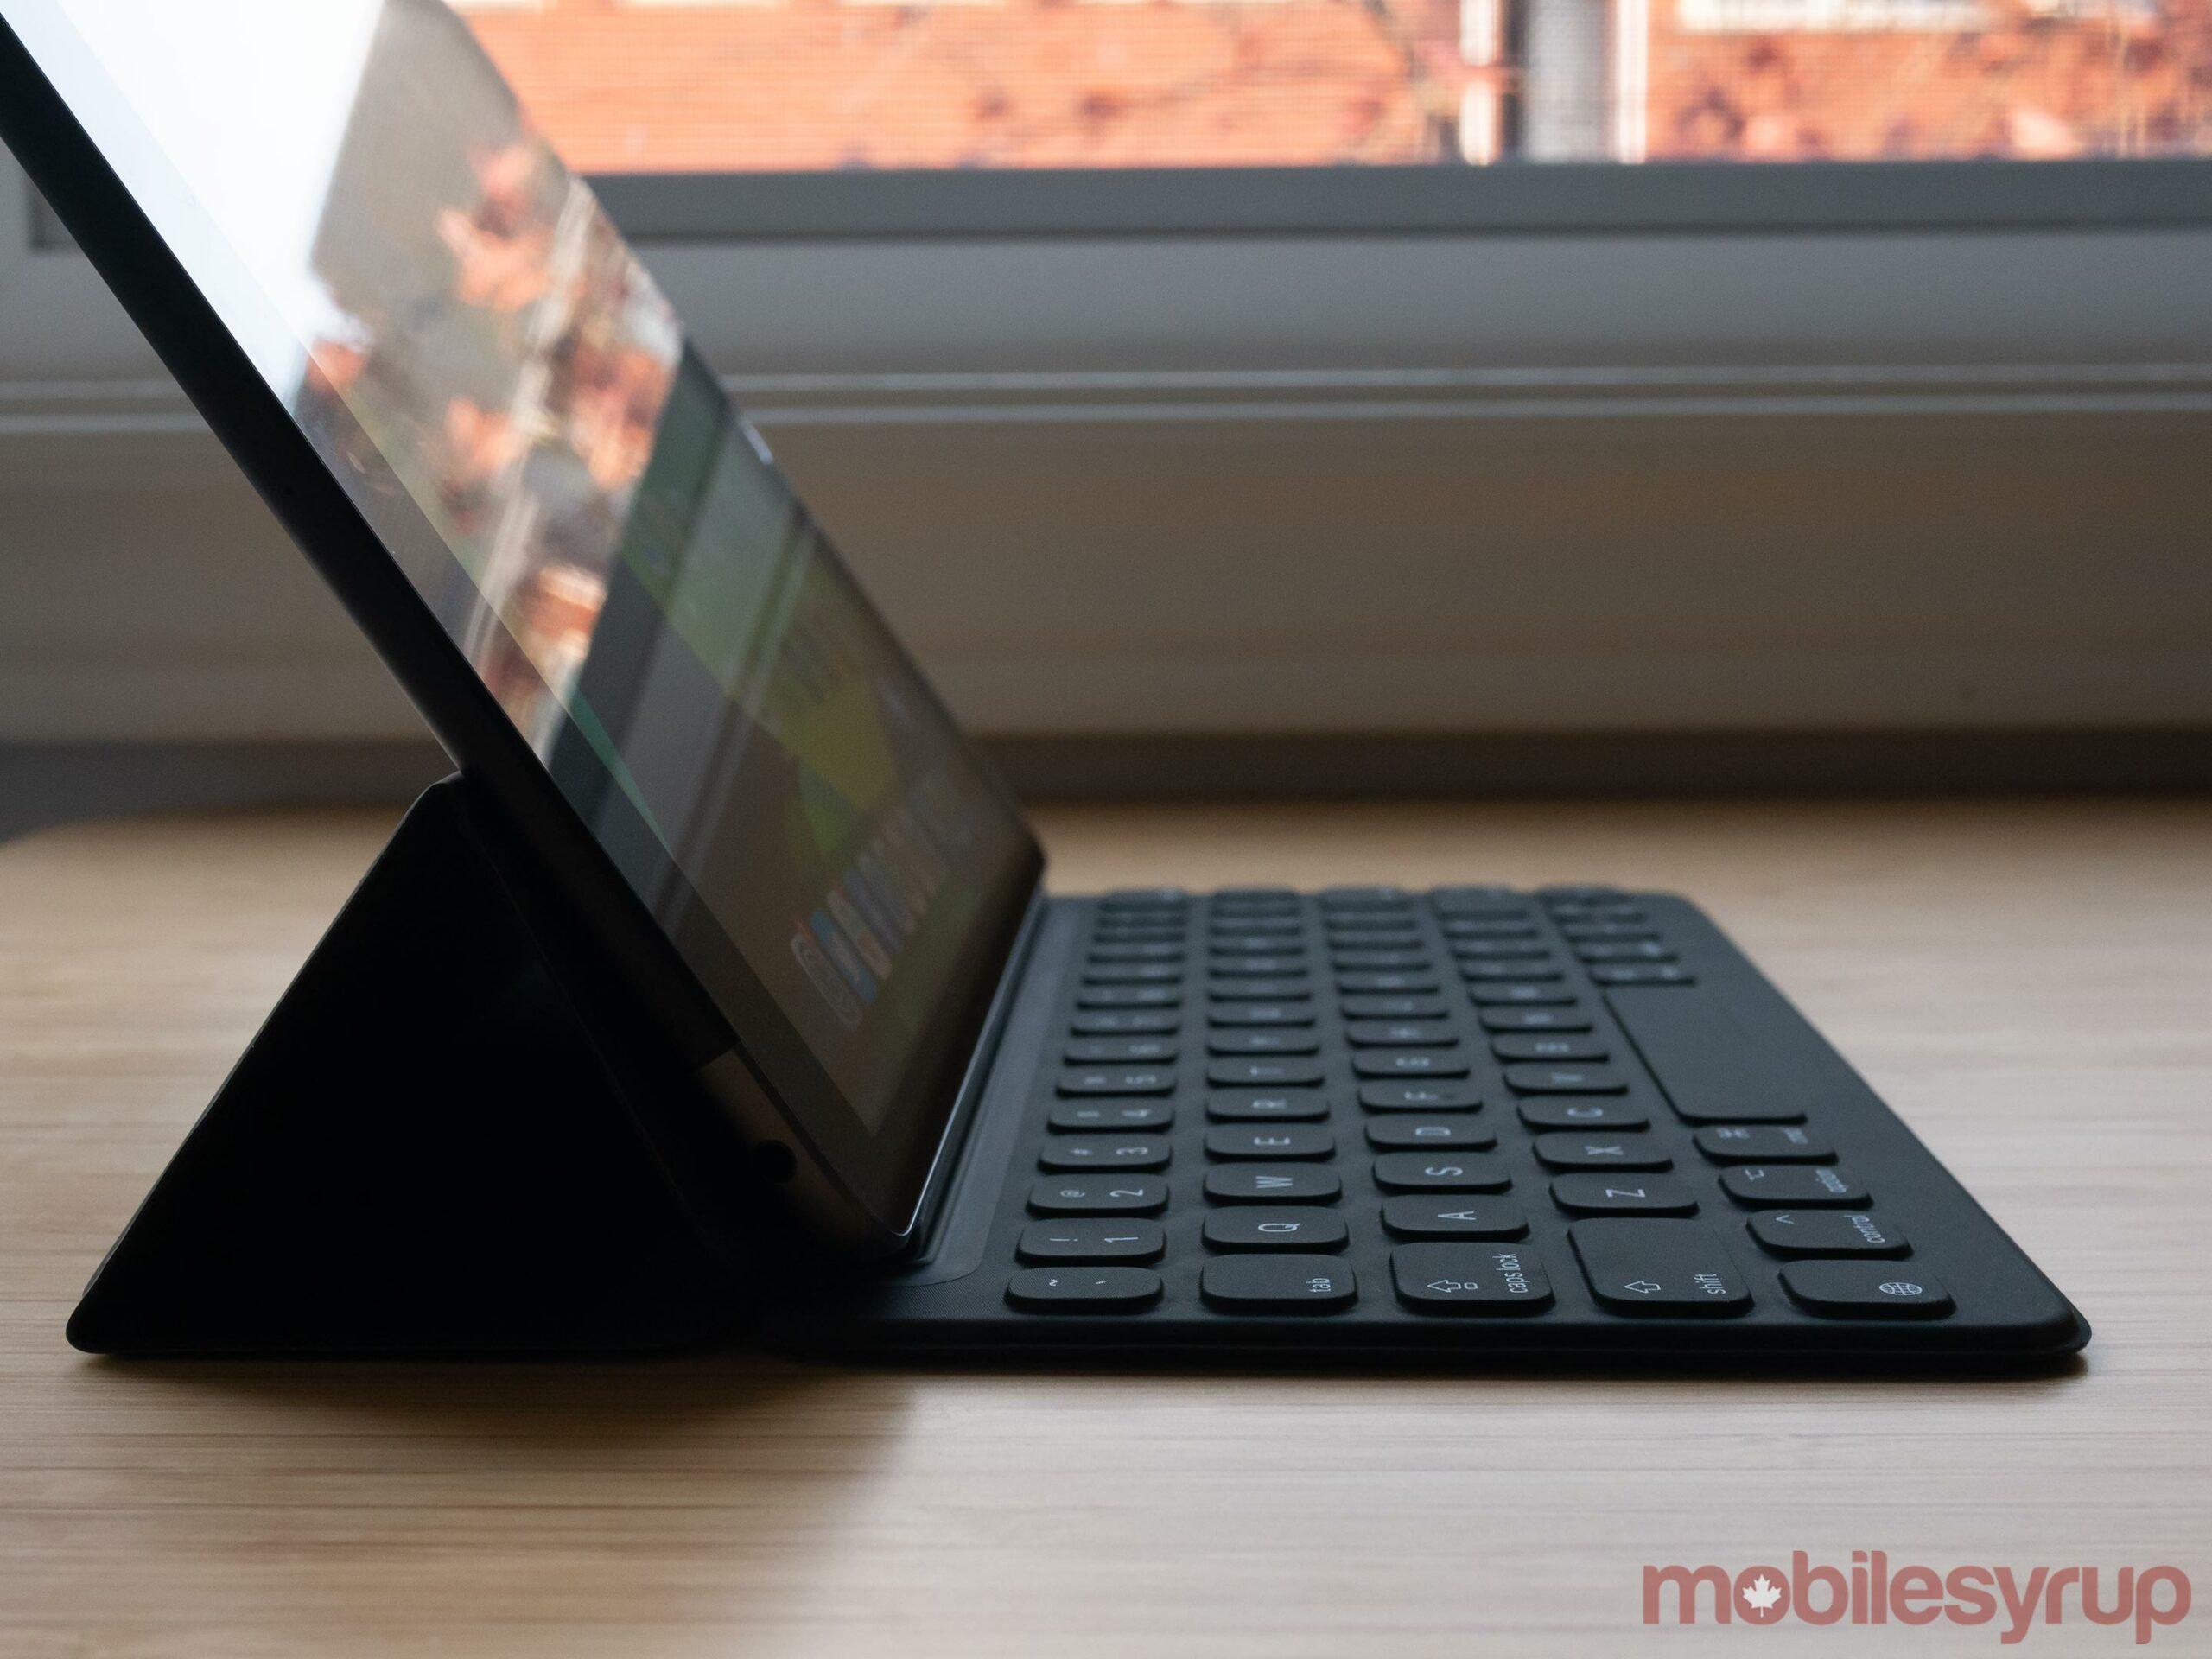 iPad (2020) side view